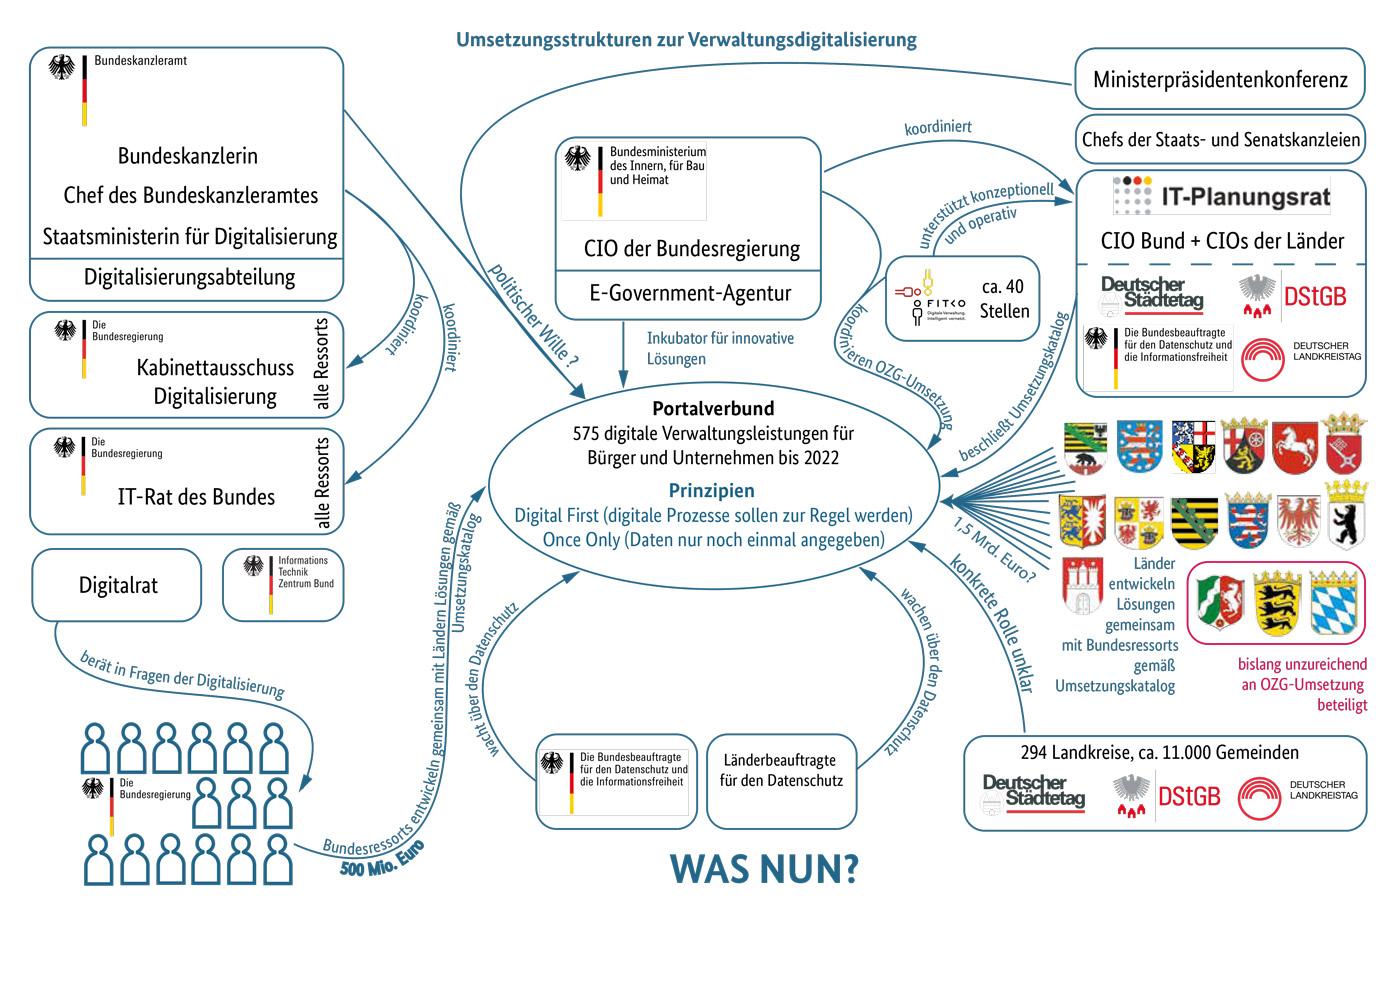 Umsetzungsstrukturen zur Verwaltungsdigitalisierung